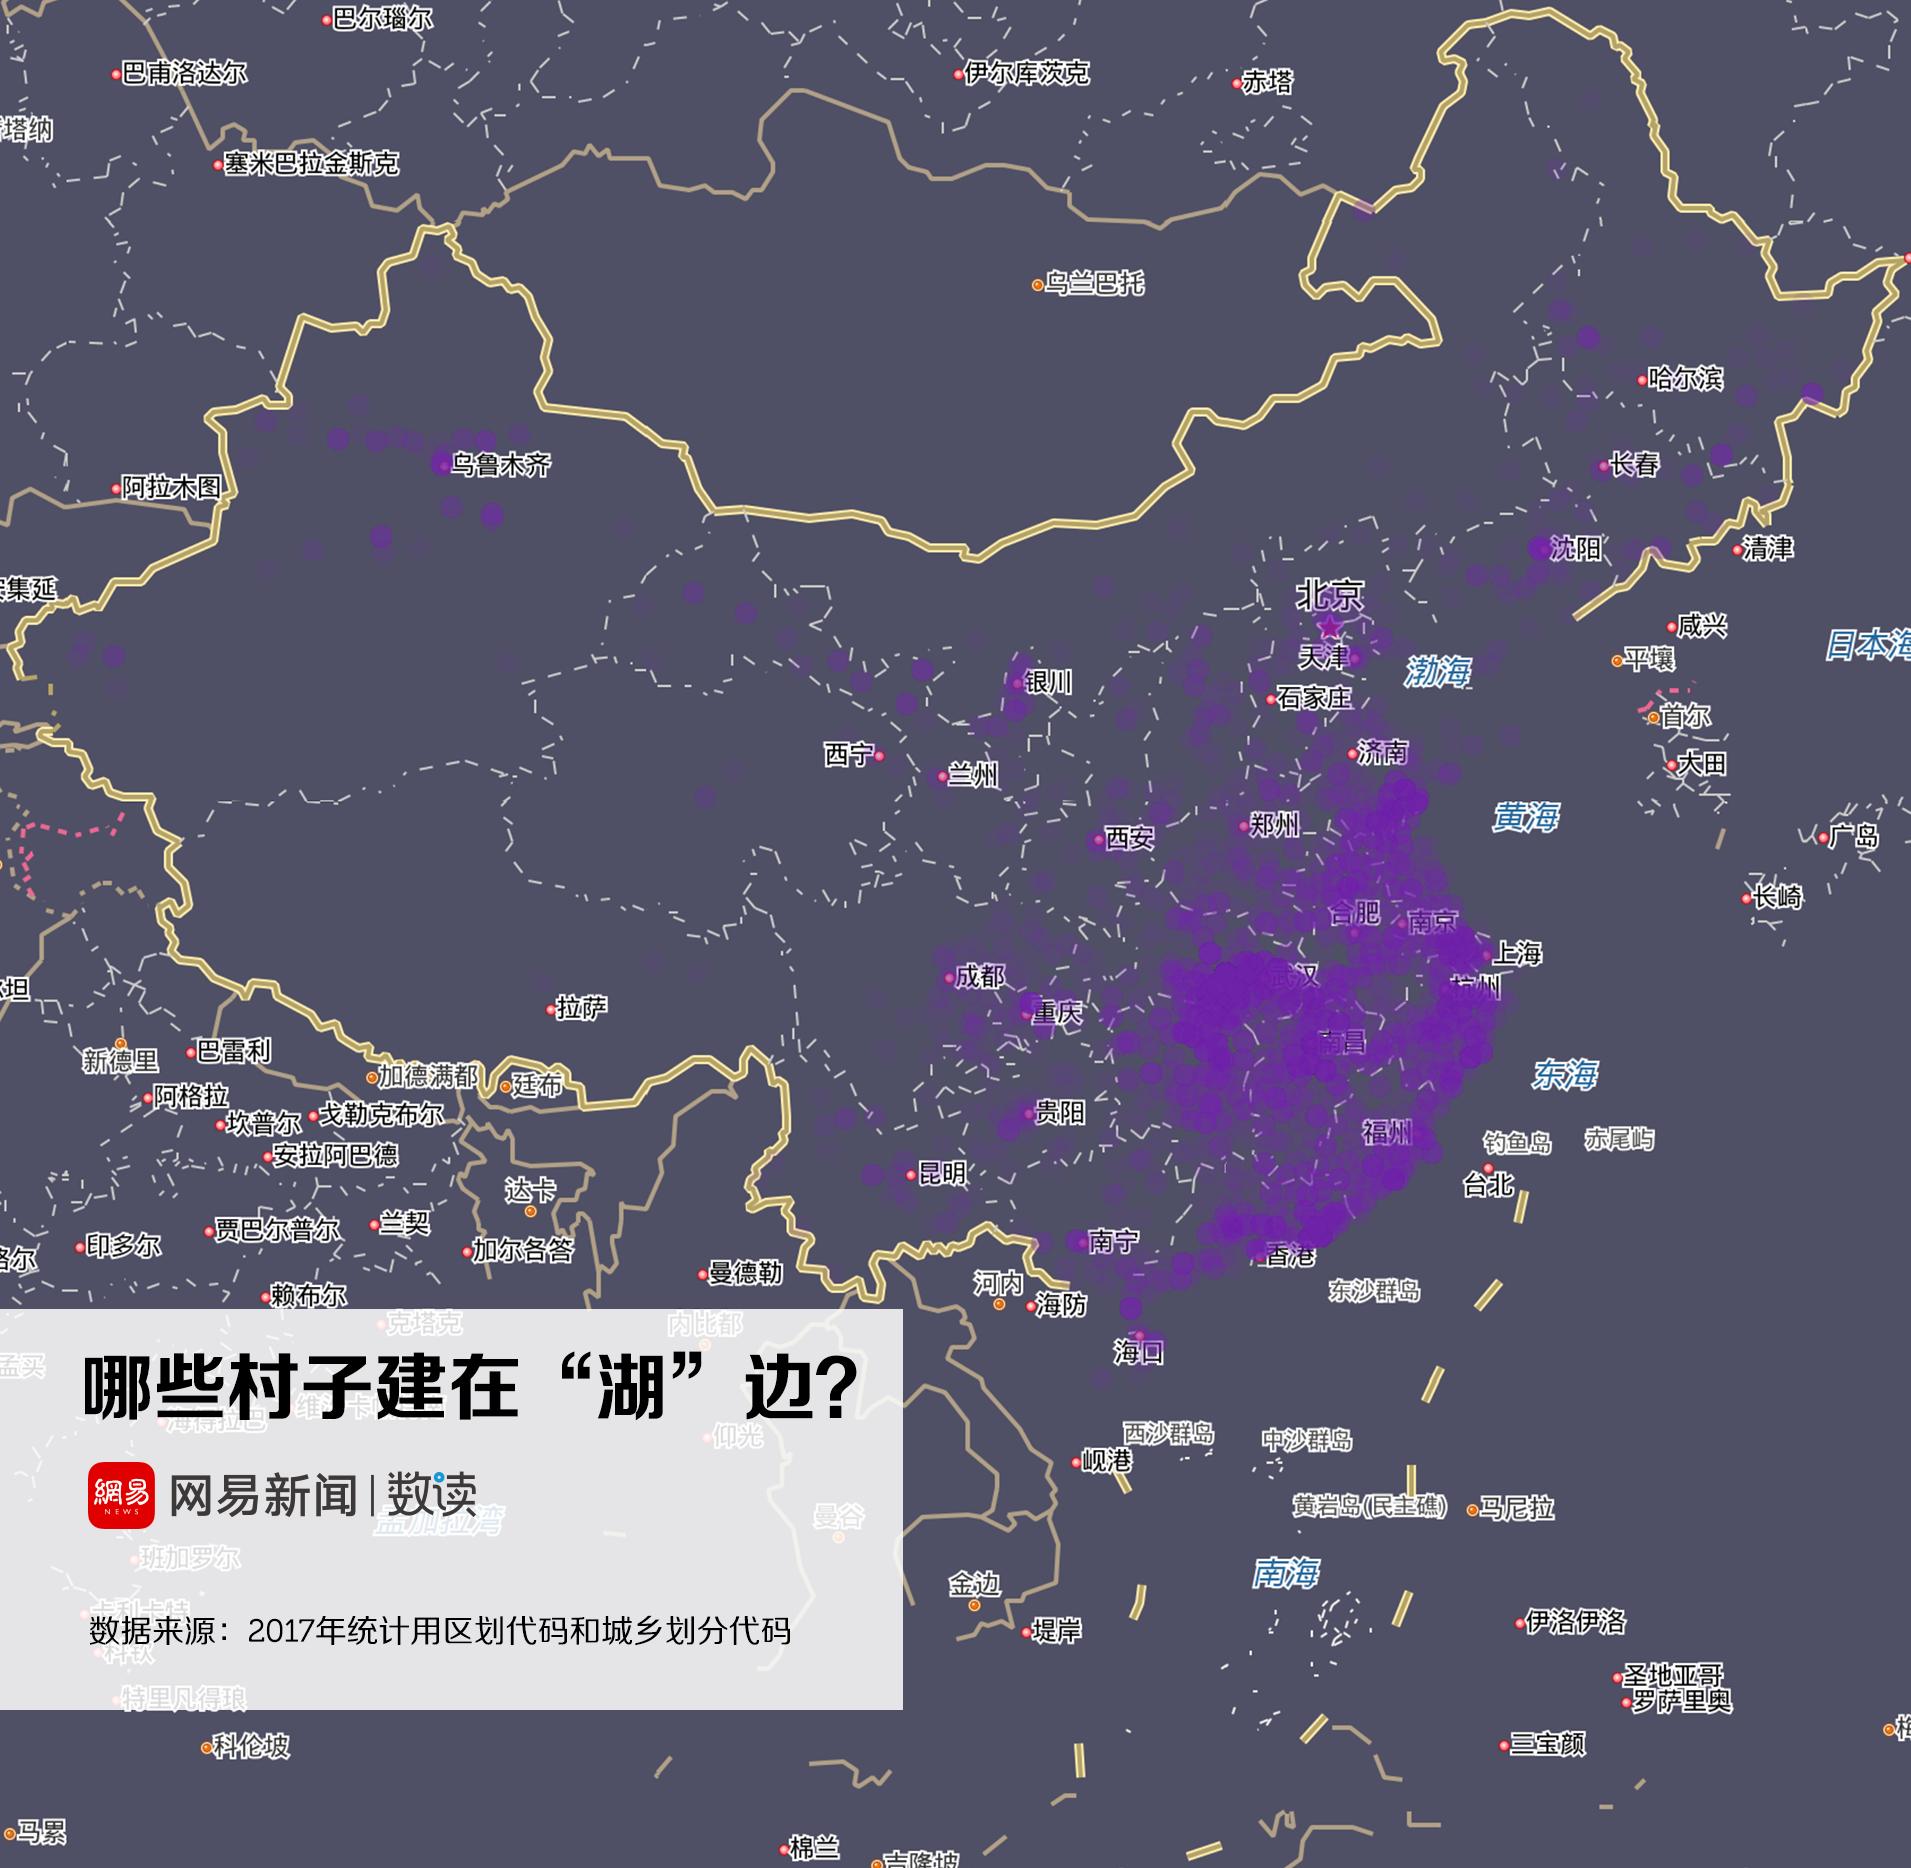 """大别山以南的华南,西南地区,河流则多被称为""""江"""",如长江,湘江,金沙江图片"""